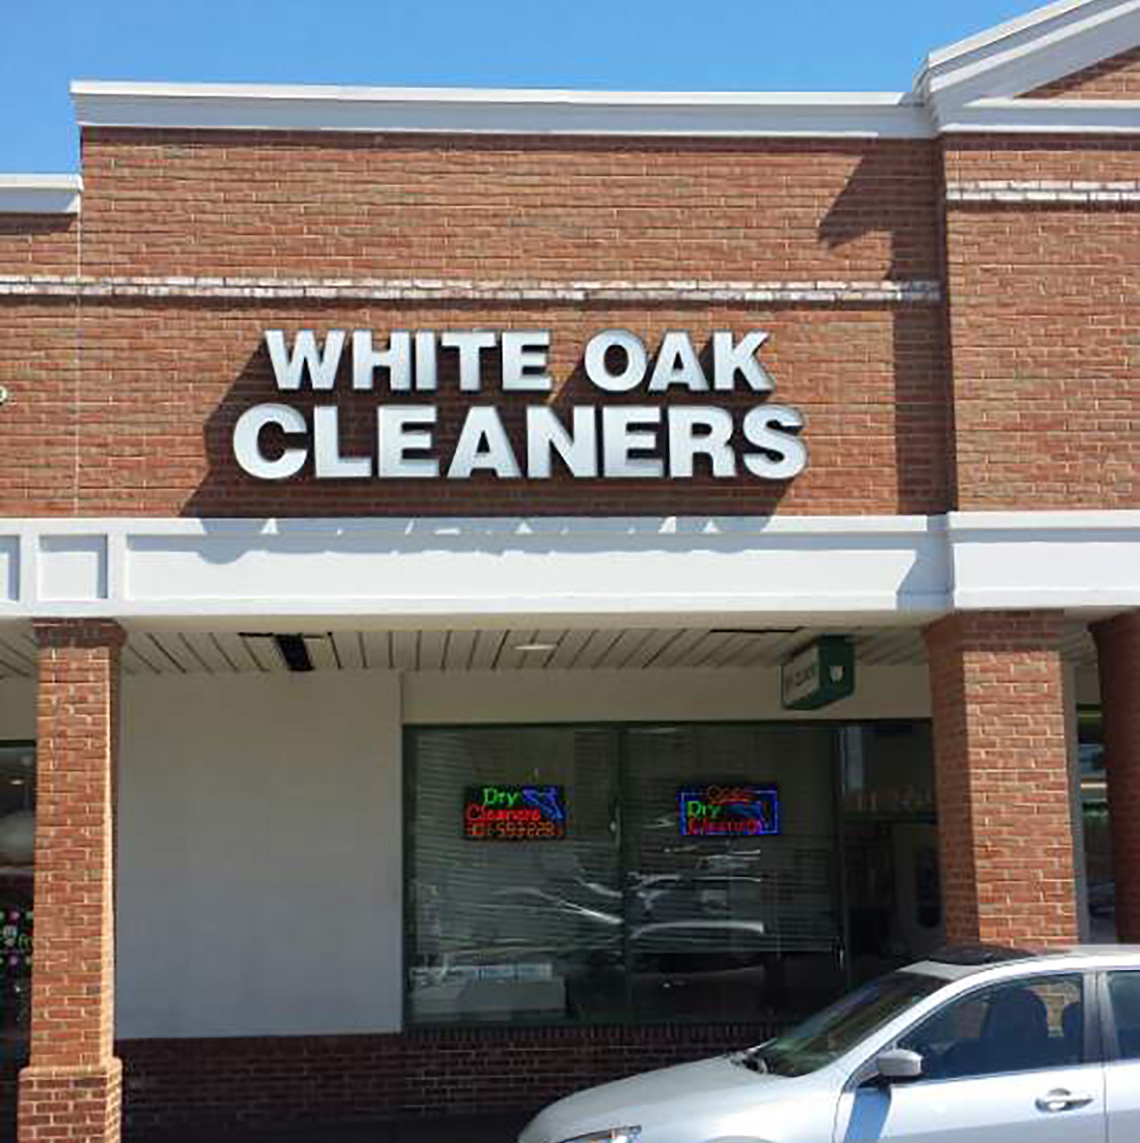 White oak cleaners 2